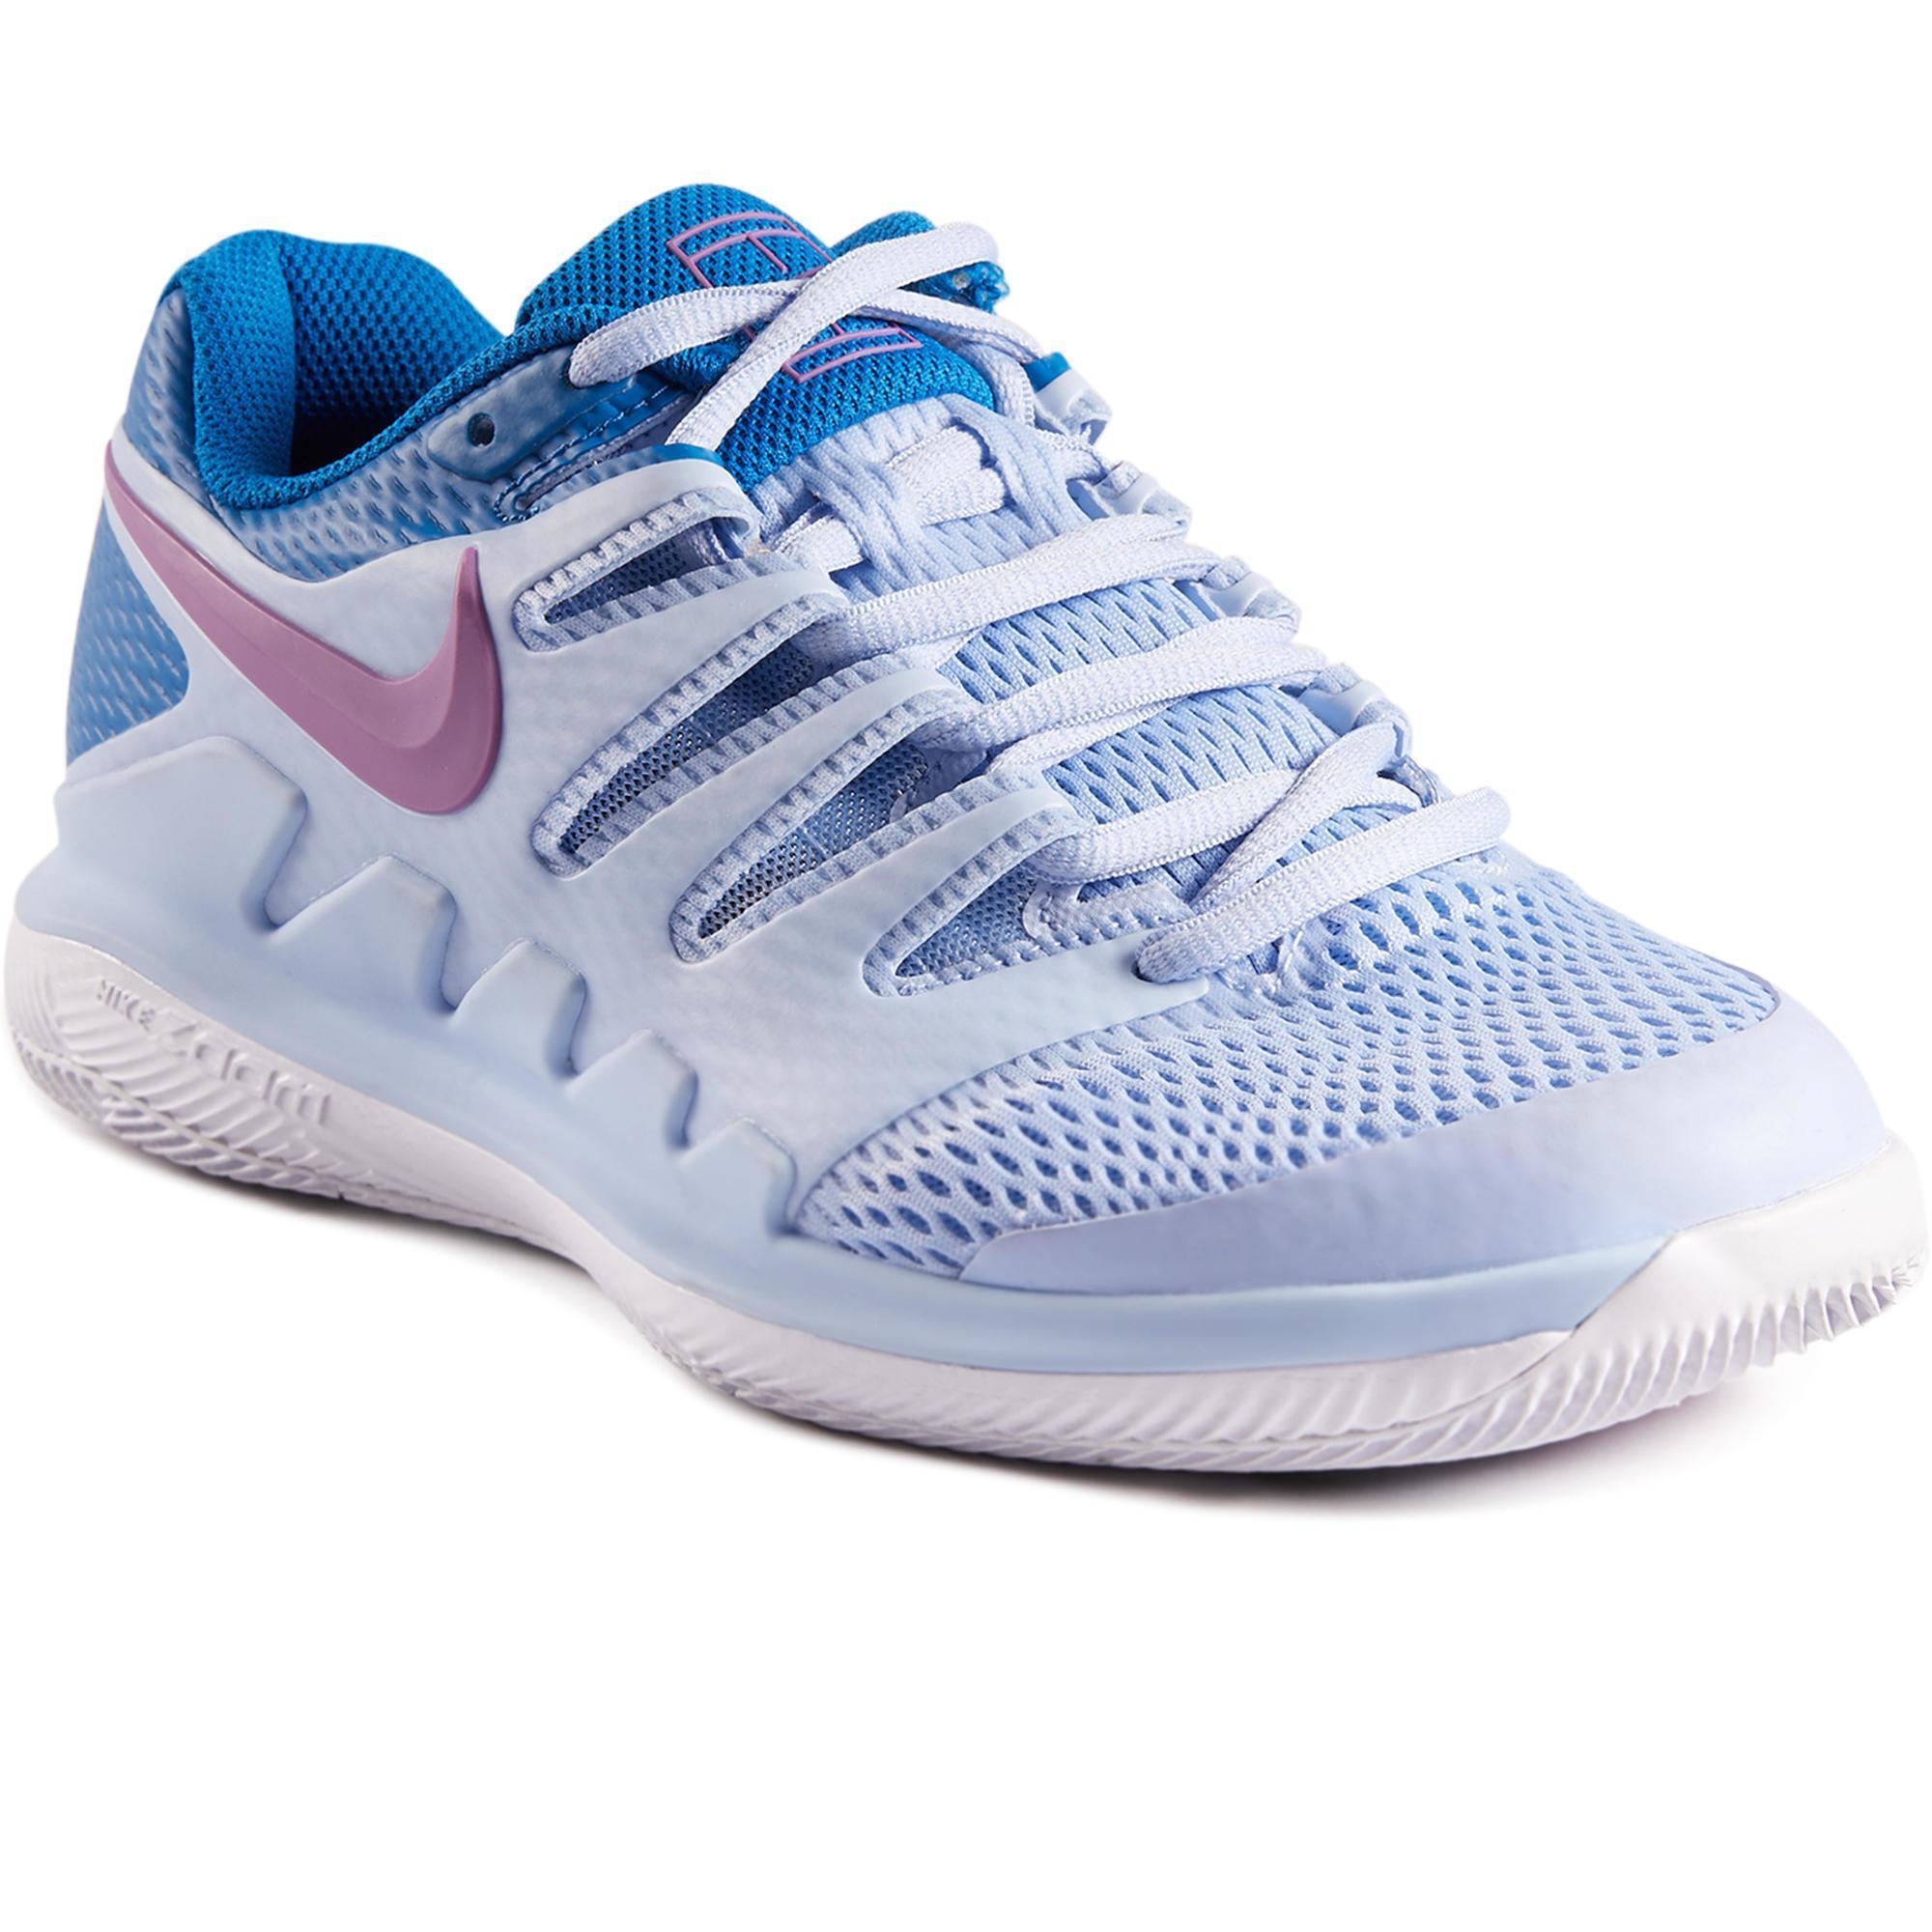 2451426 Nike Tennisschoenen voor dames Vapor Royal